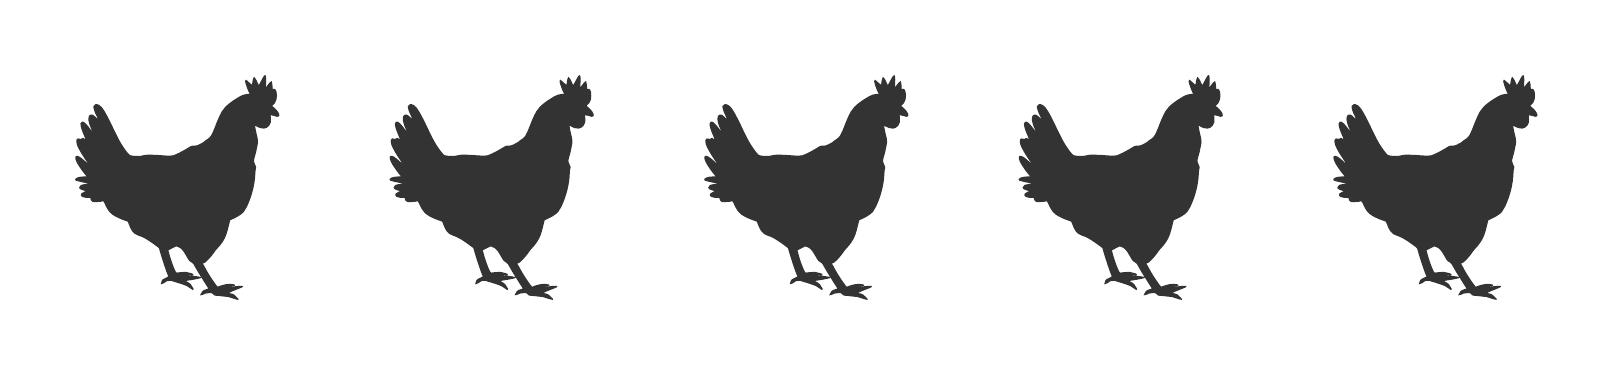 Five Hens